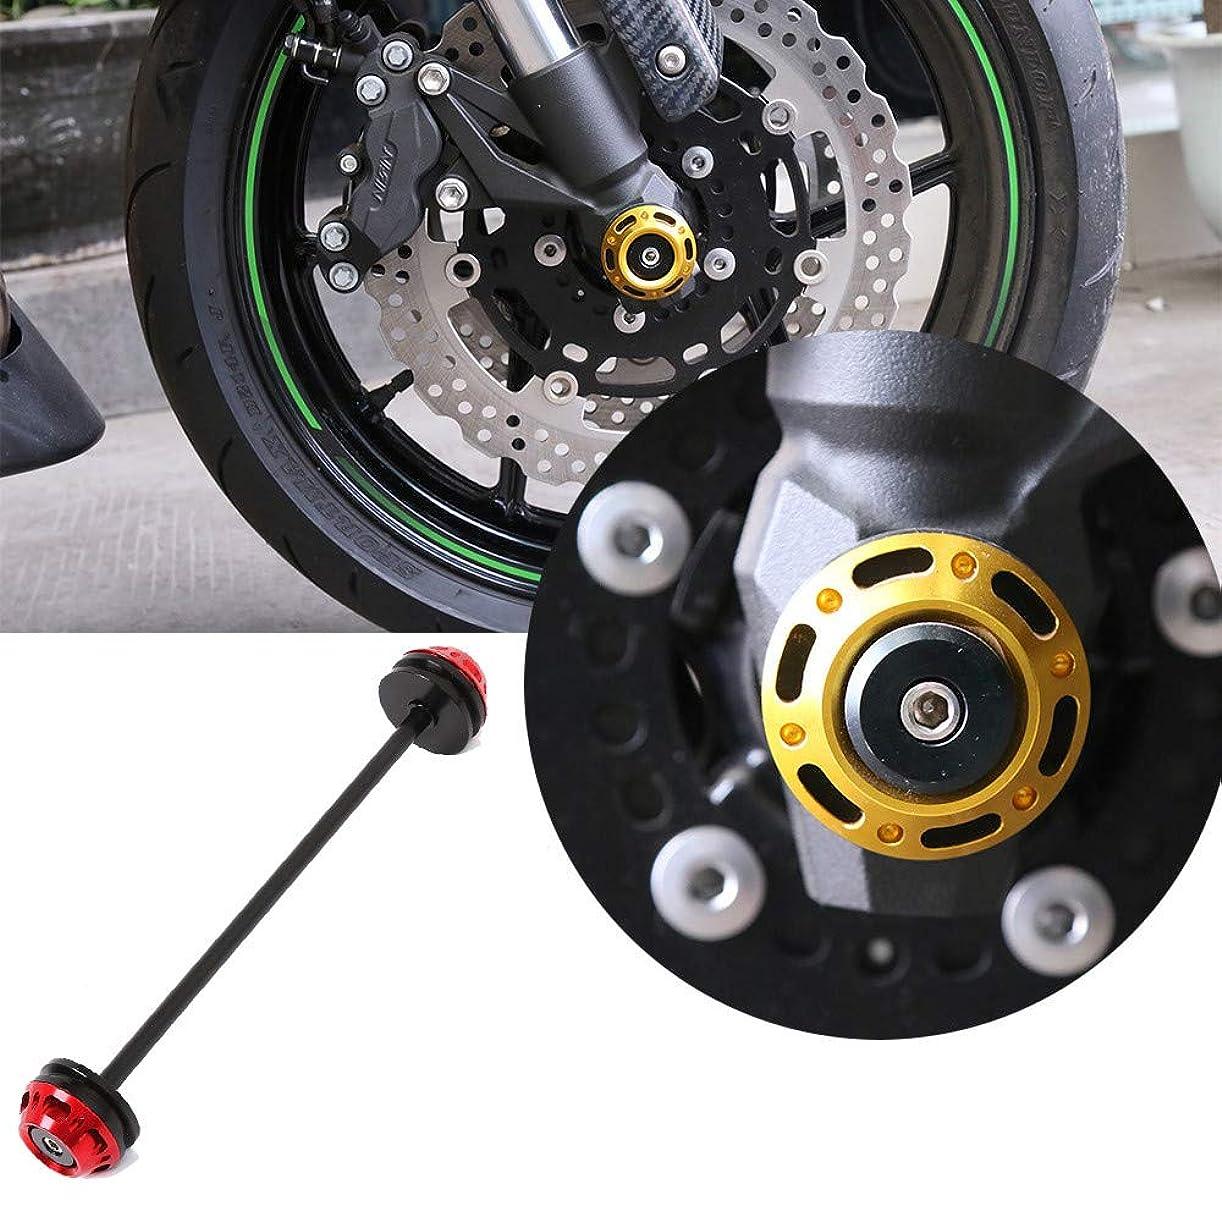 王室ブラシアレルギー性オートバイCNCアルミフロントアクスルフォークボディフレームプロテクタースライダーアンチクラッシュパッドプロテクター用カワサキz800 2013-2017 Z1000SX NINJA Z1000 20